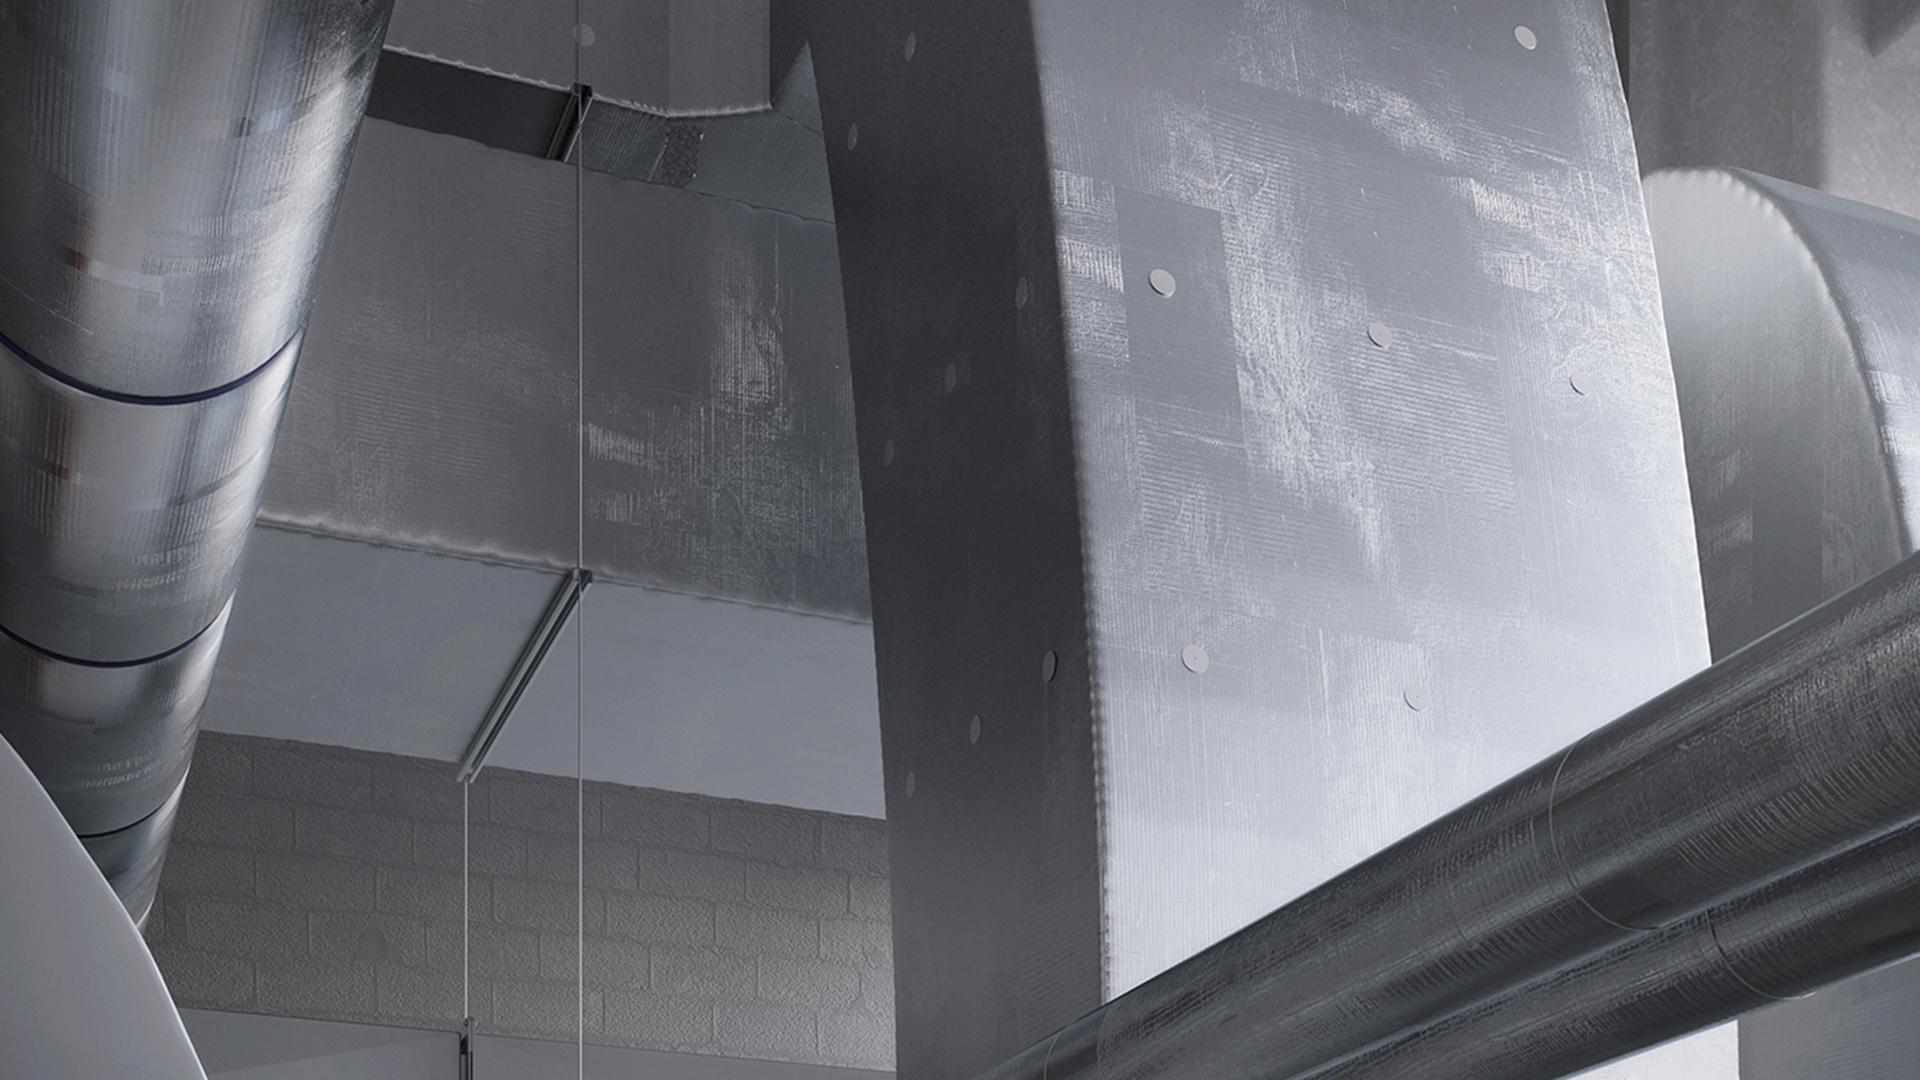 ROCKWOOL Klimarock, productfoto, HVAC, thermische isolatie